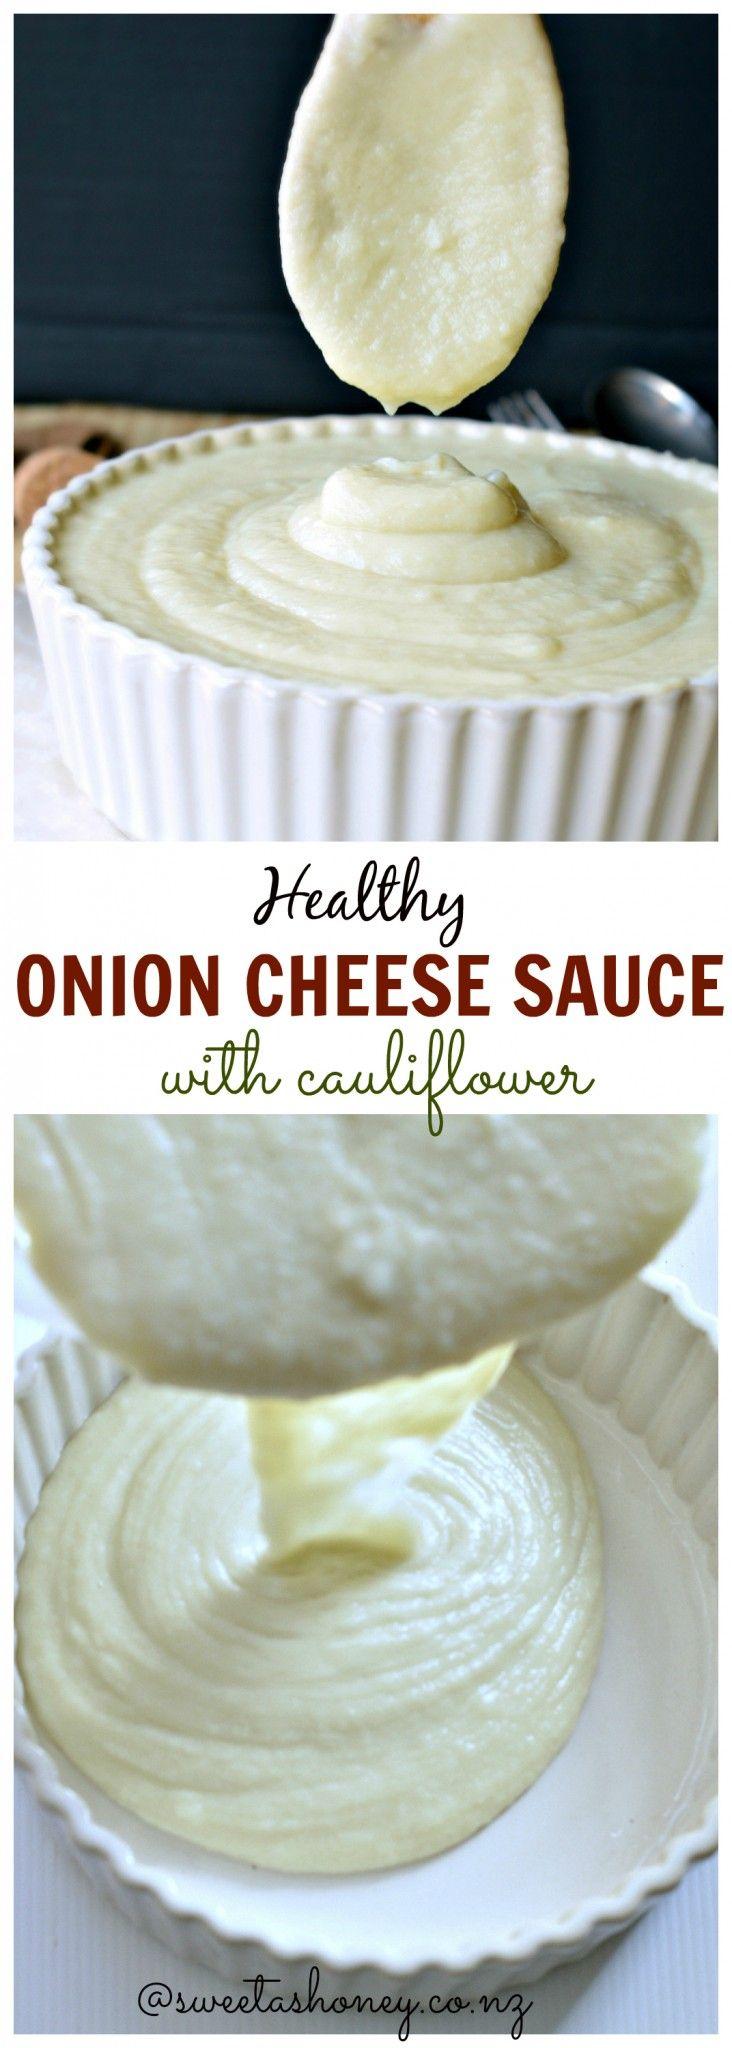 Low calorie creamy pasta sauce recipe